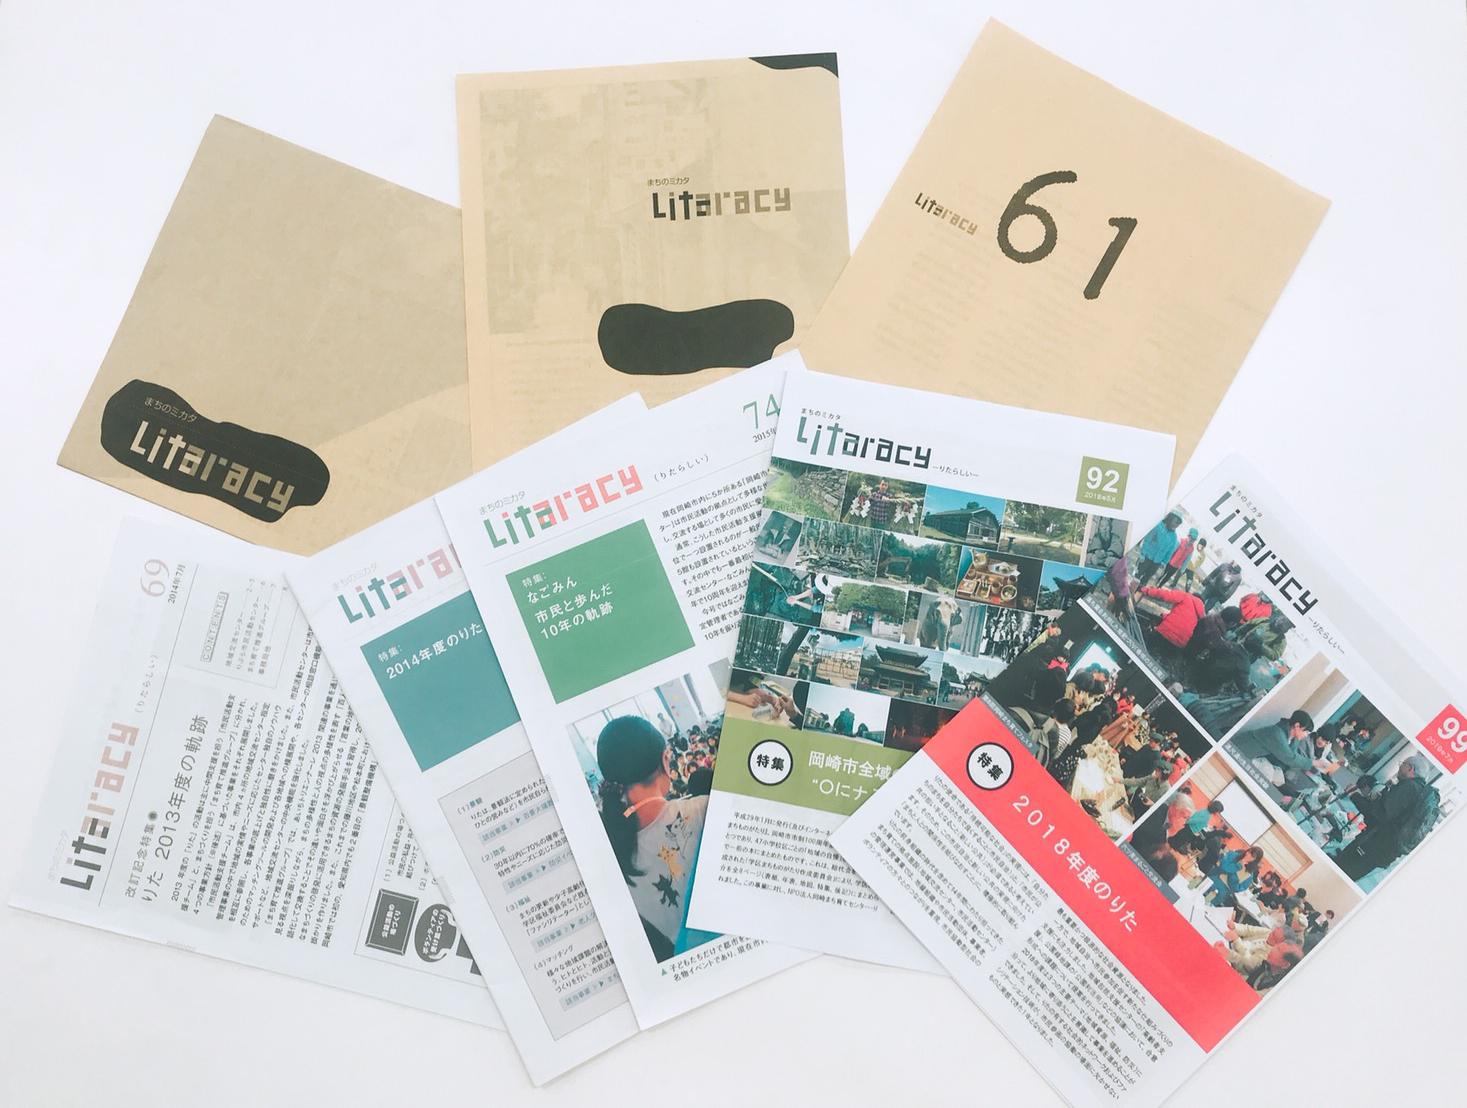 りた広報誌(Litaracy)9月号休刊のお知らせ